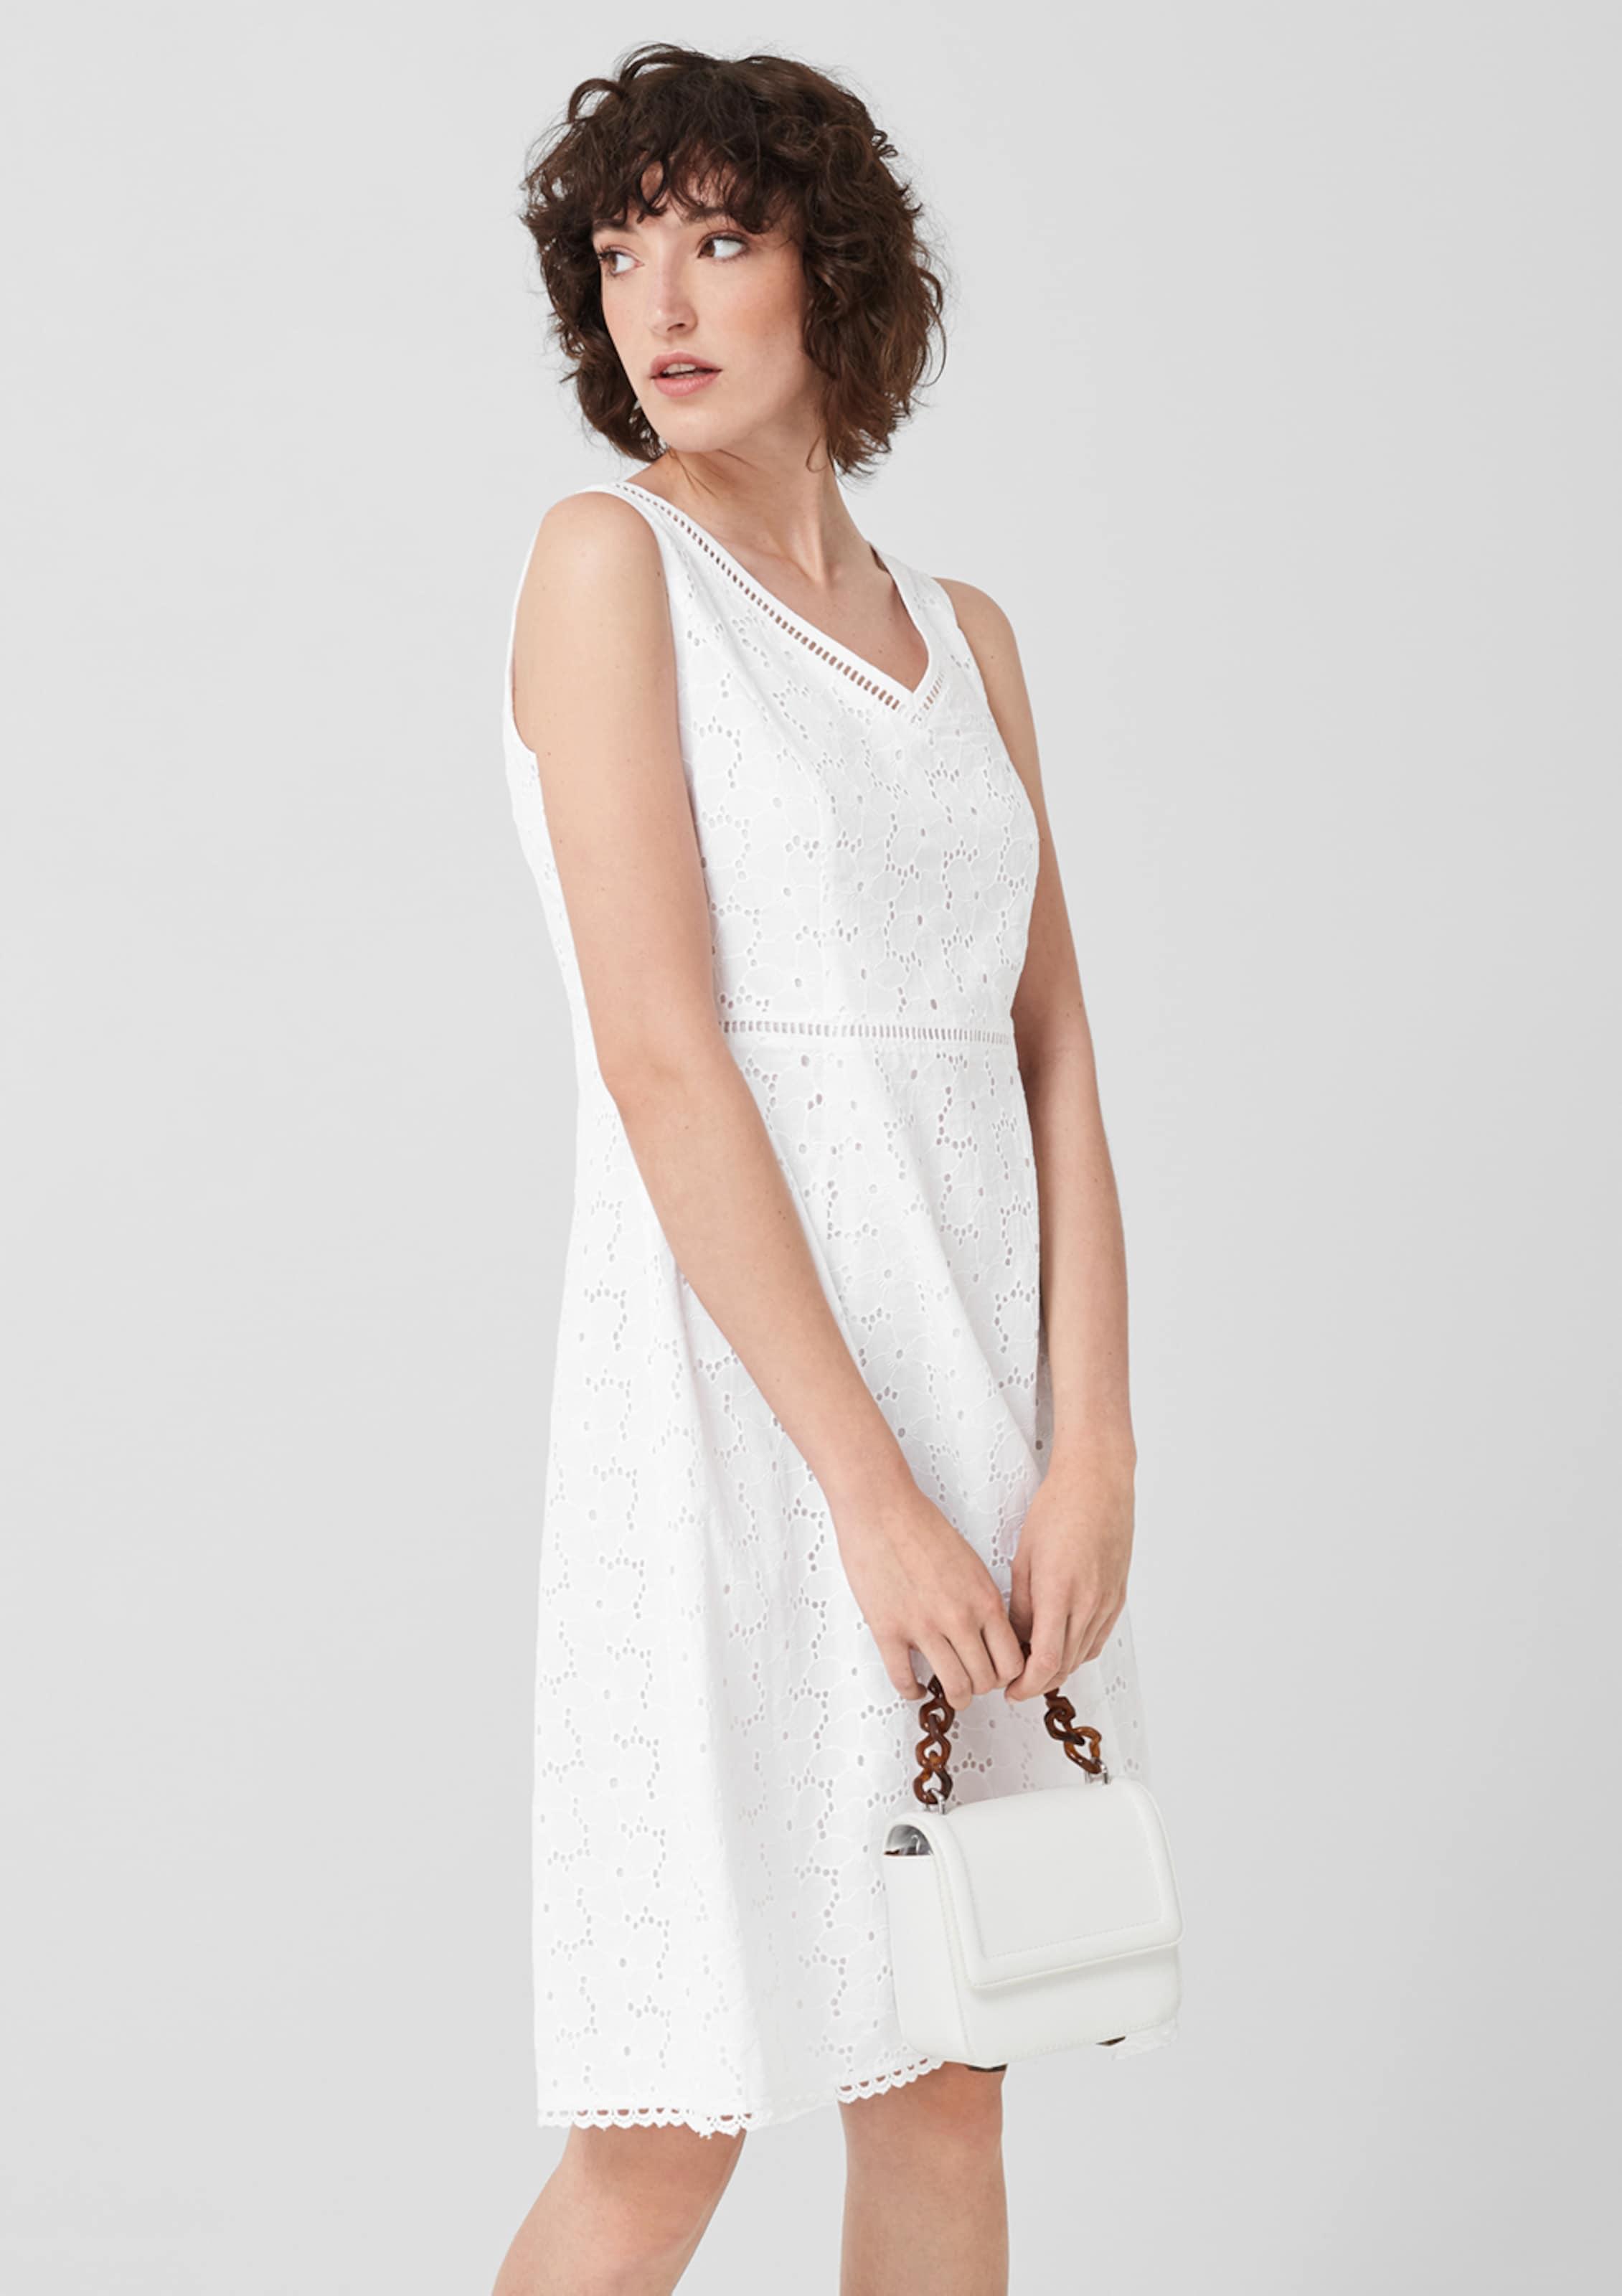 S oliver Robe Label En Red D'été Blanc TlJcF3K1